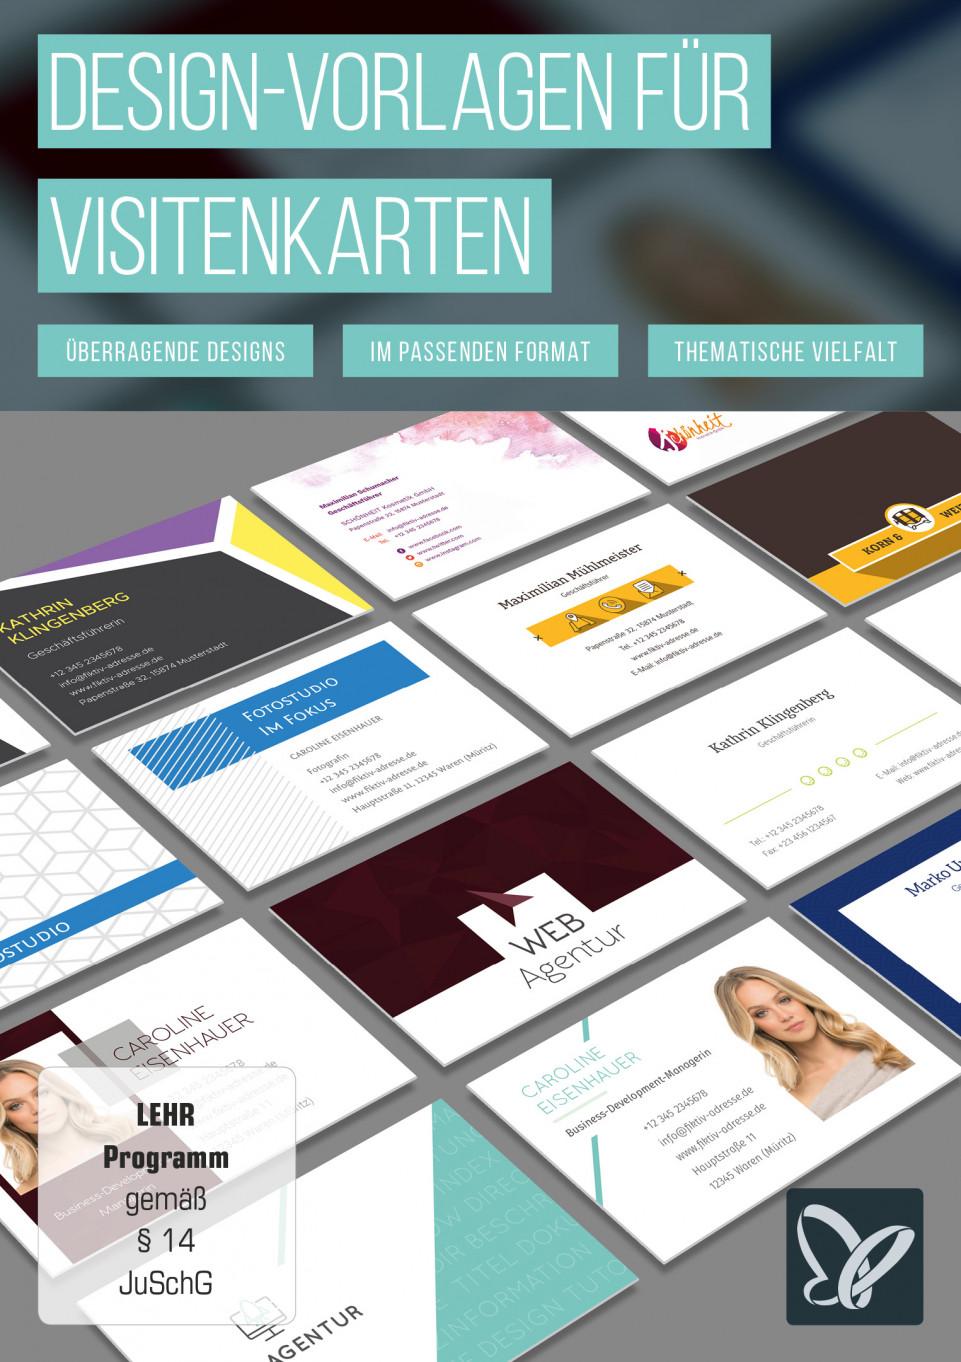 Design vorlagen f r visitenkarten - Visitenkarten gratis vorlagen ...